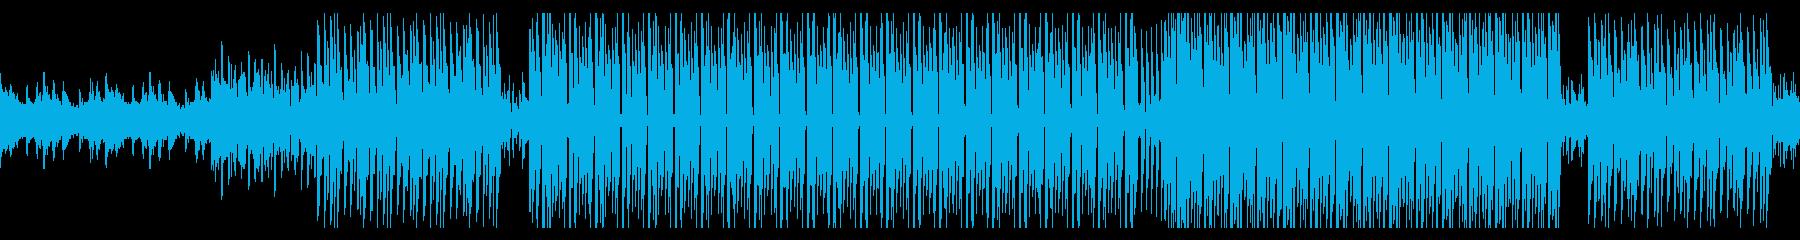 音数少なめのお洒落ディープハウス ループの再生済みの波形